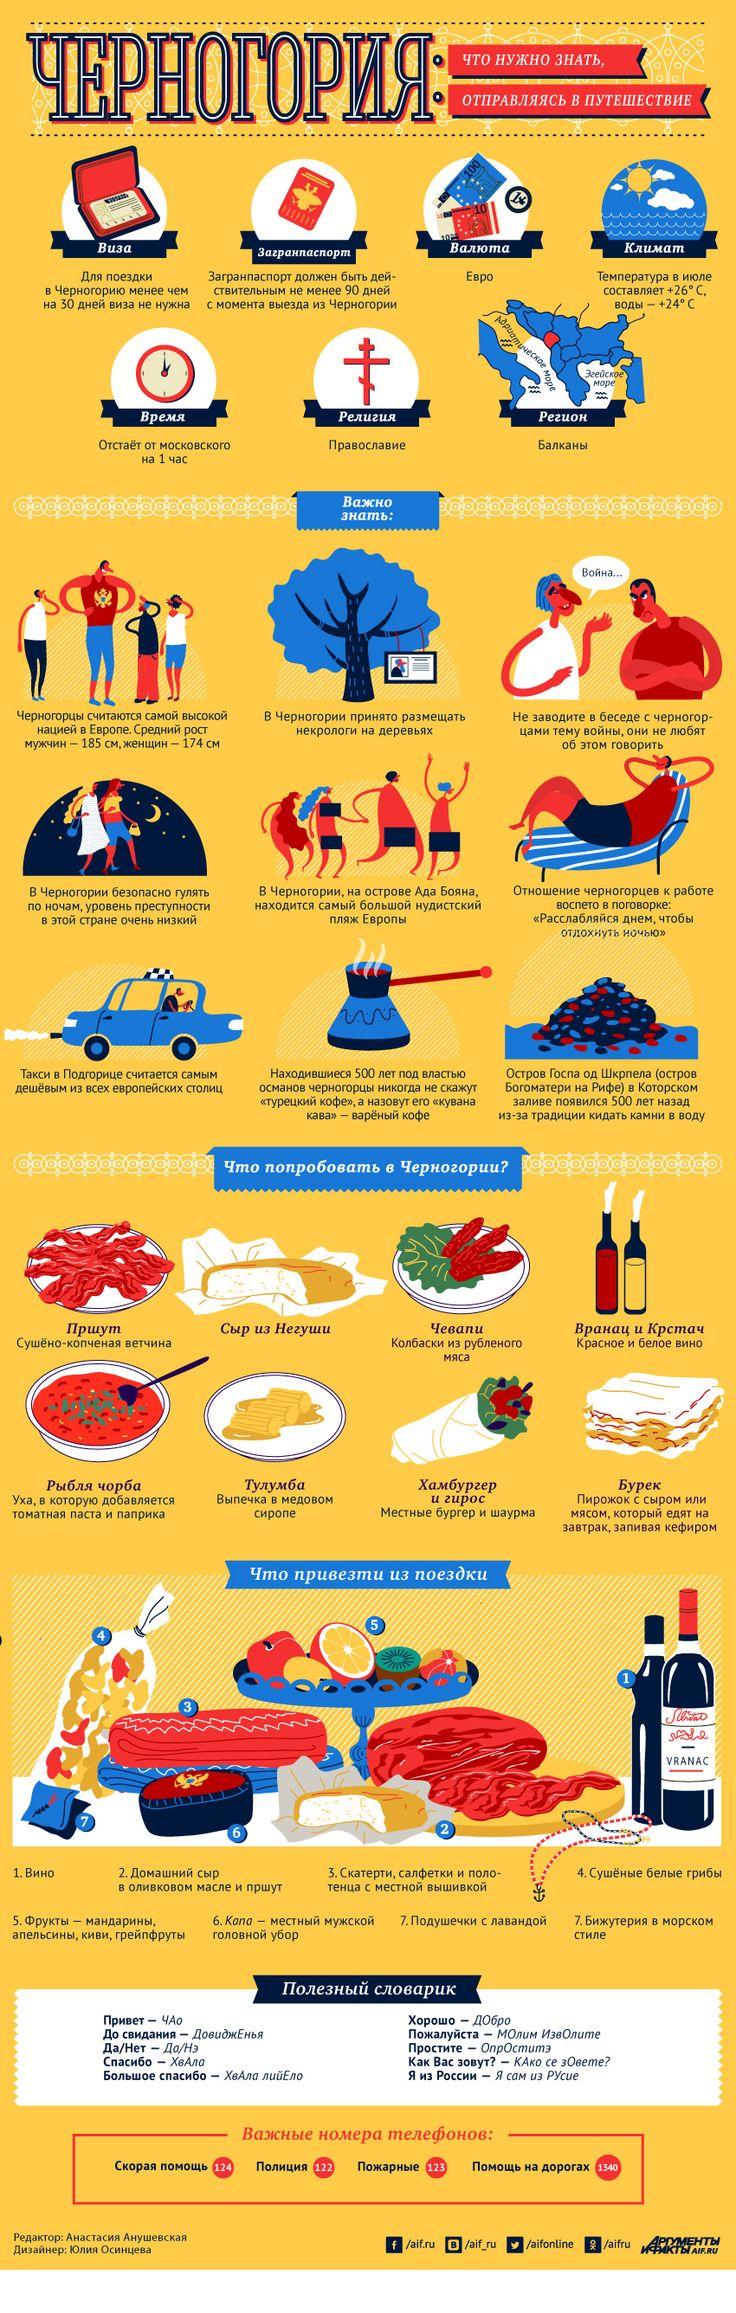 Черногория: что нужно знать, отправляясь в путешествие? Инфографика | Инфографика | Вопрос-Ответ | Аргументы и Факты